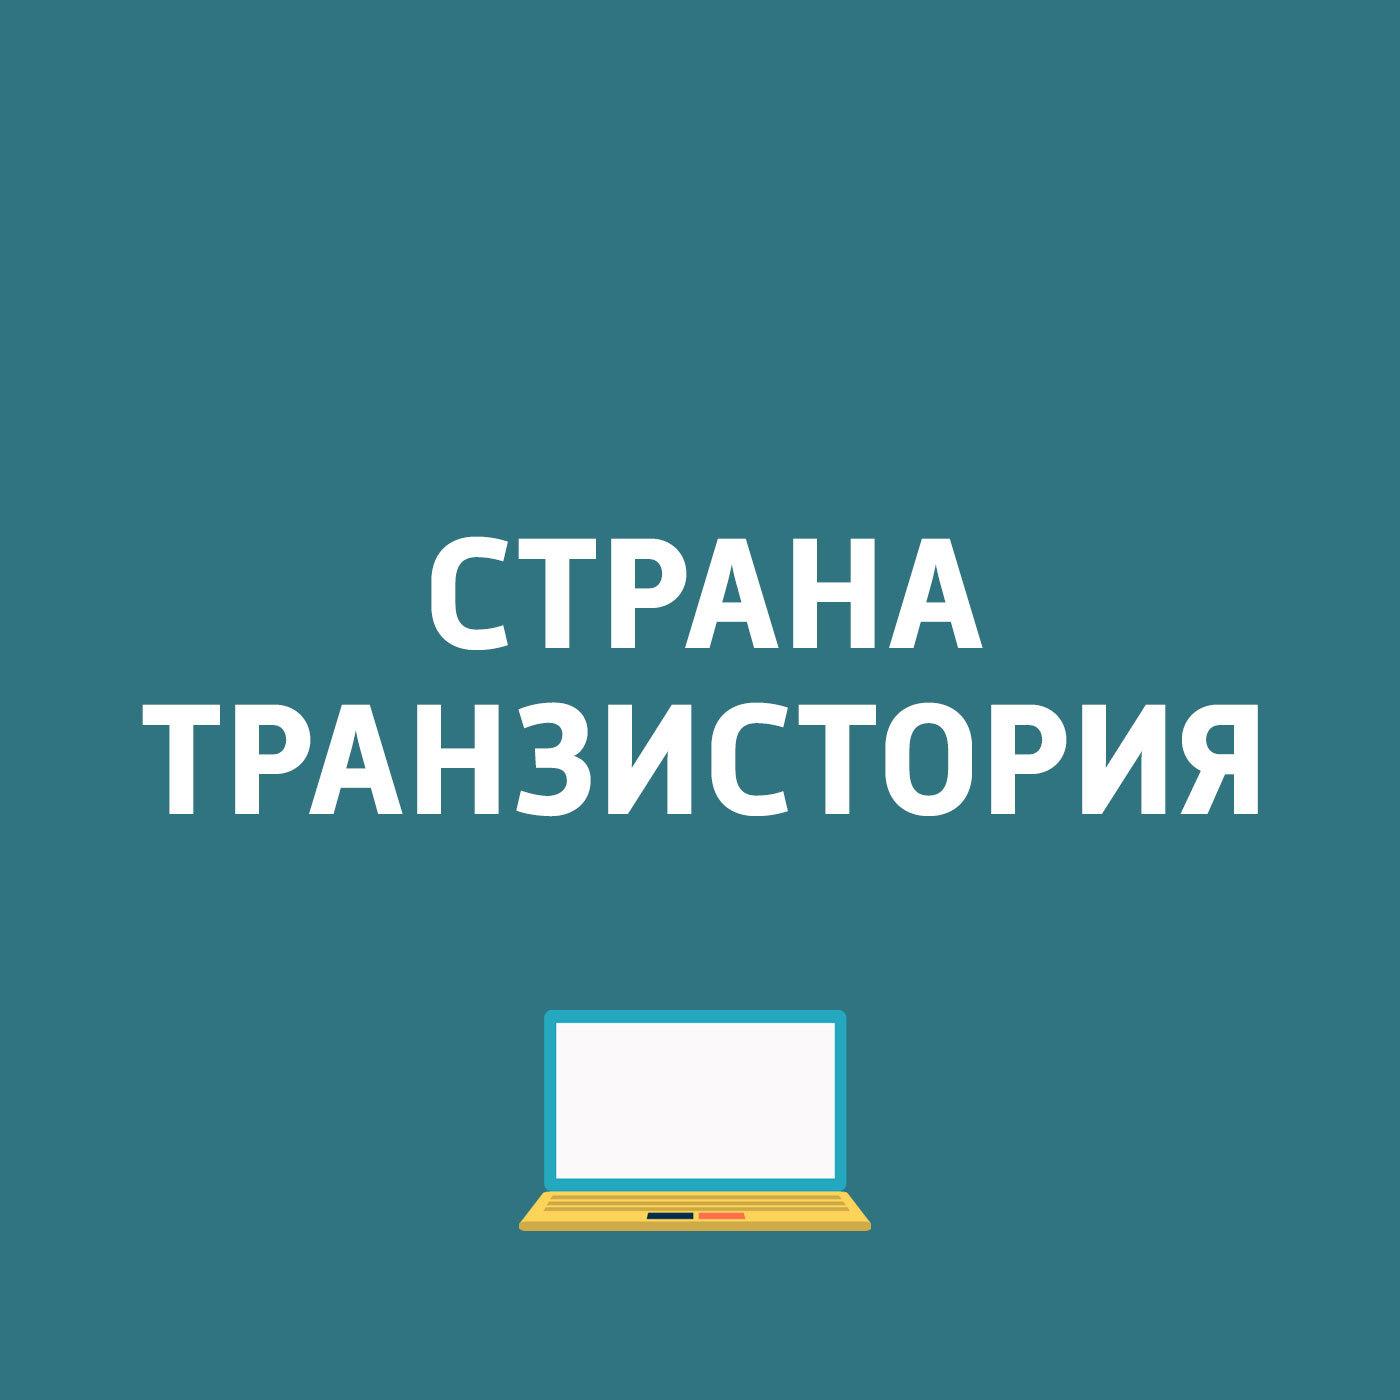 Картаев Павел Telegram начал тестировать звонки картаев павел чуррос